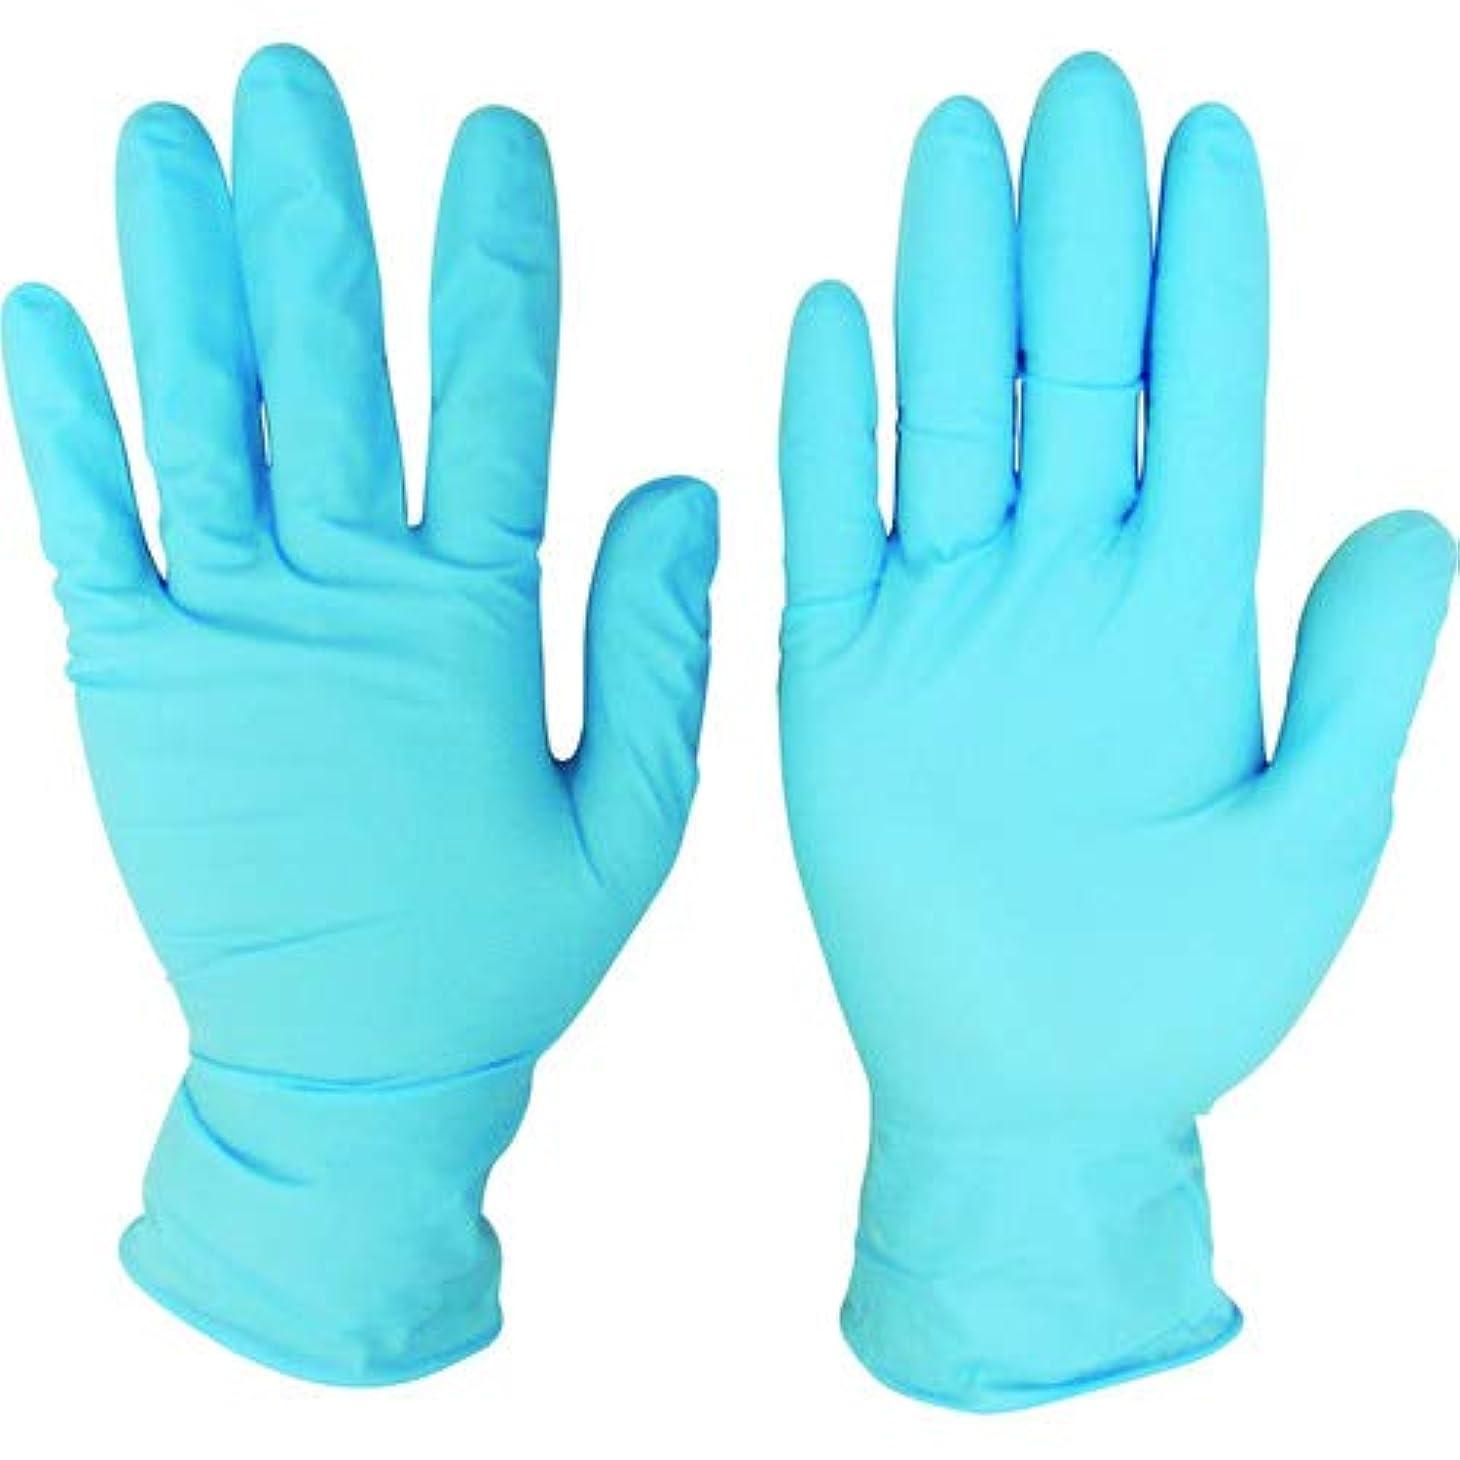 上回る論理的にダメージニトリルディスポ手袋 青 No.210 パウダーフリー(100枚入)M